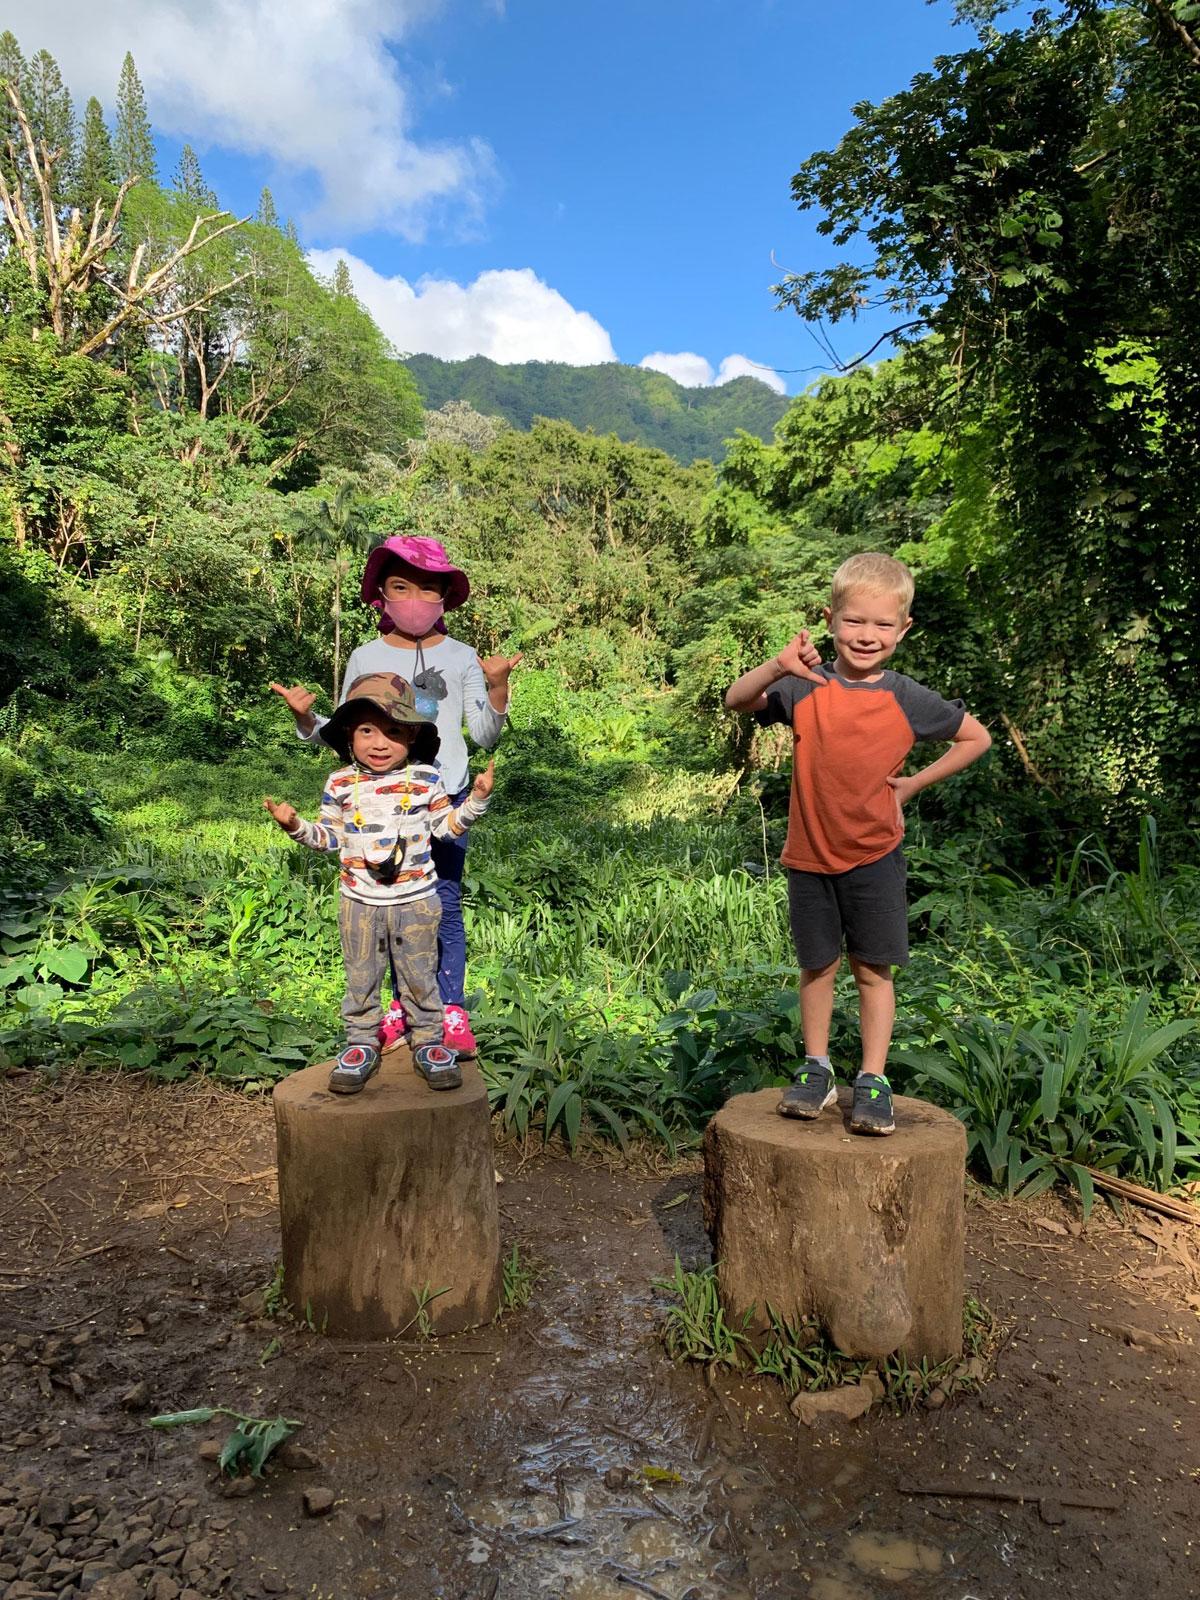 Manoa Falls Trail Kids On Stumps Photo Laura Dornbush